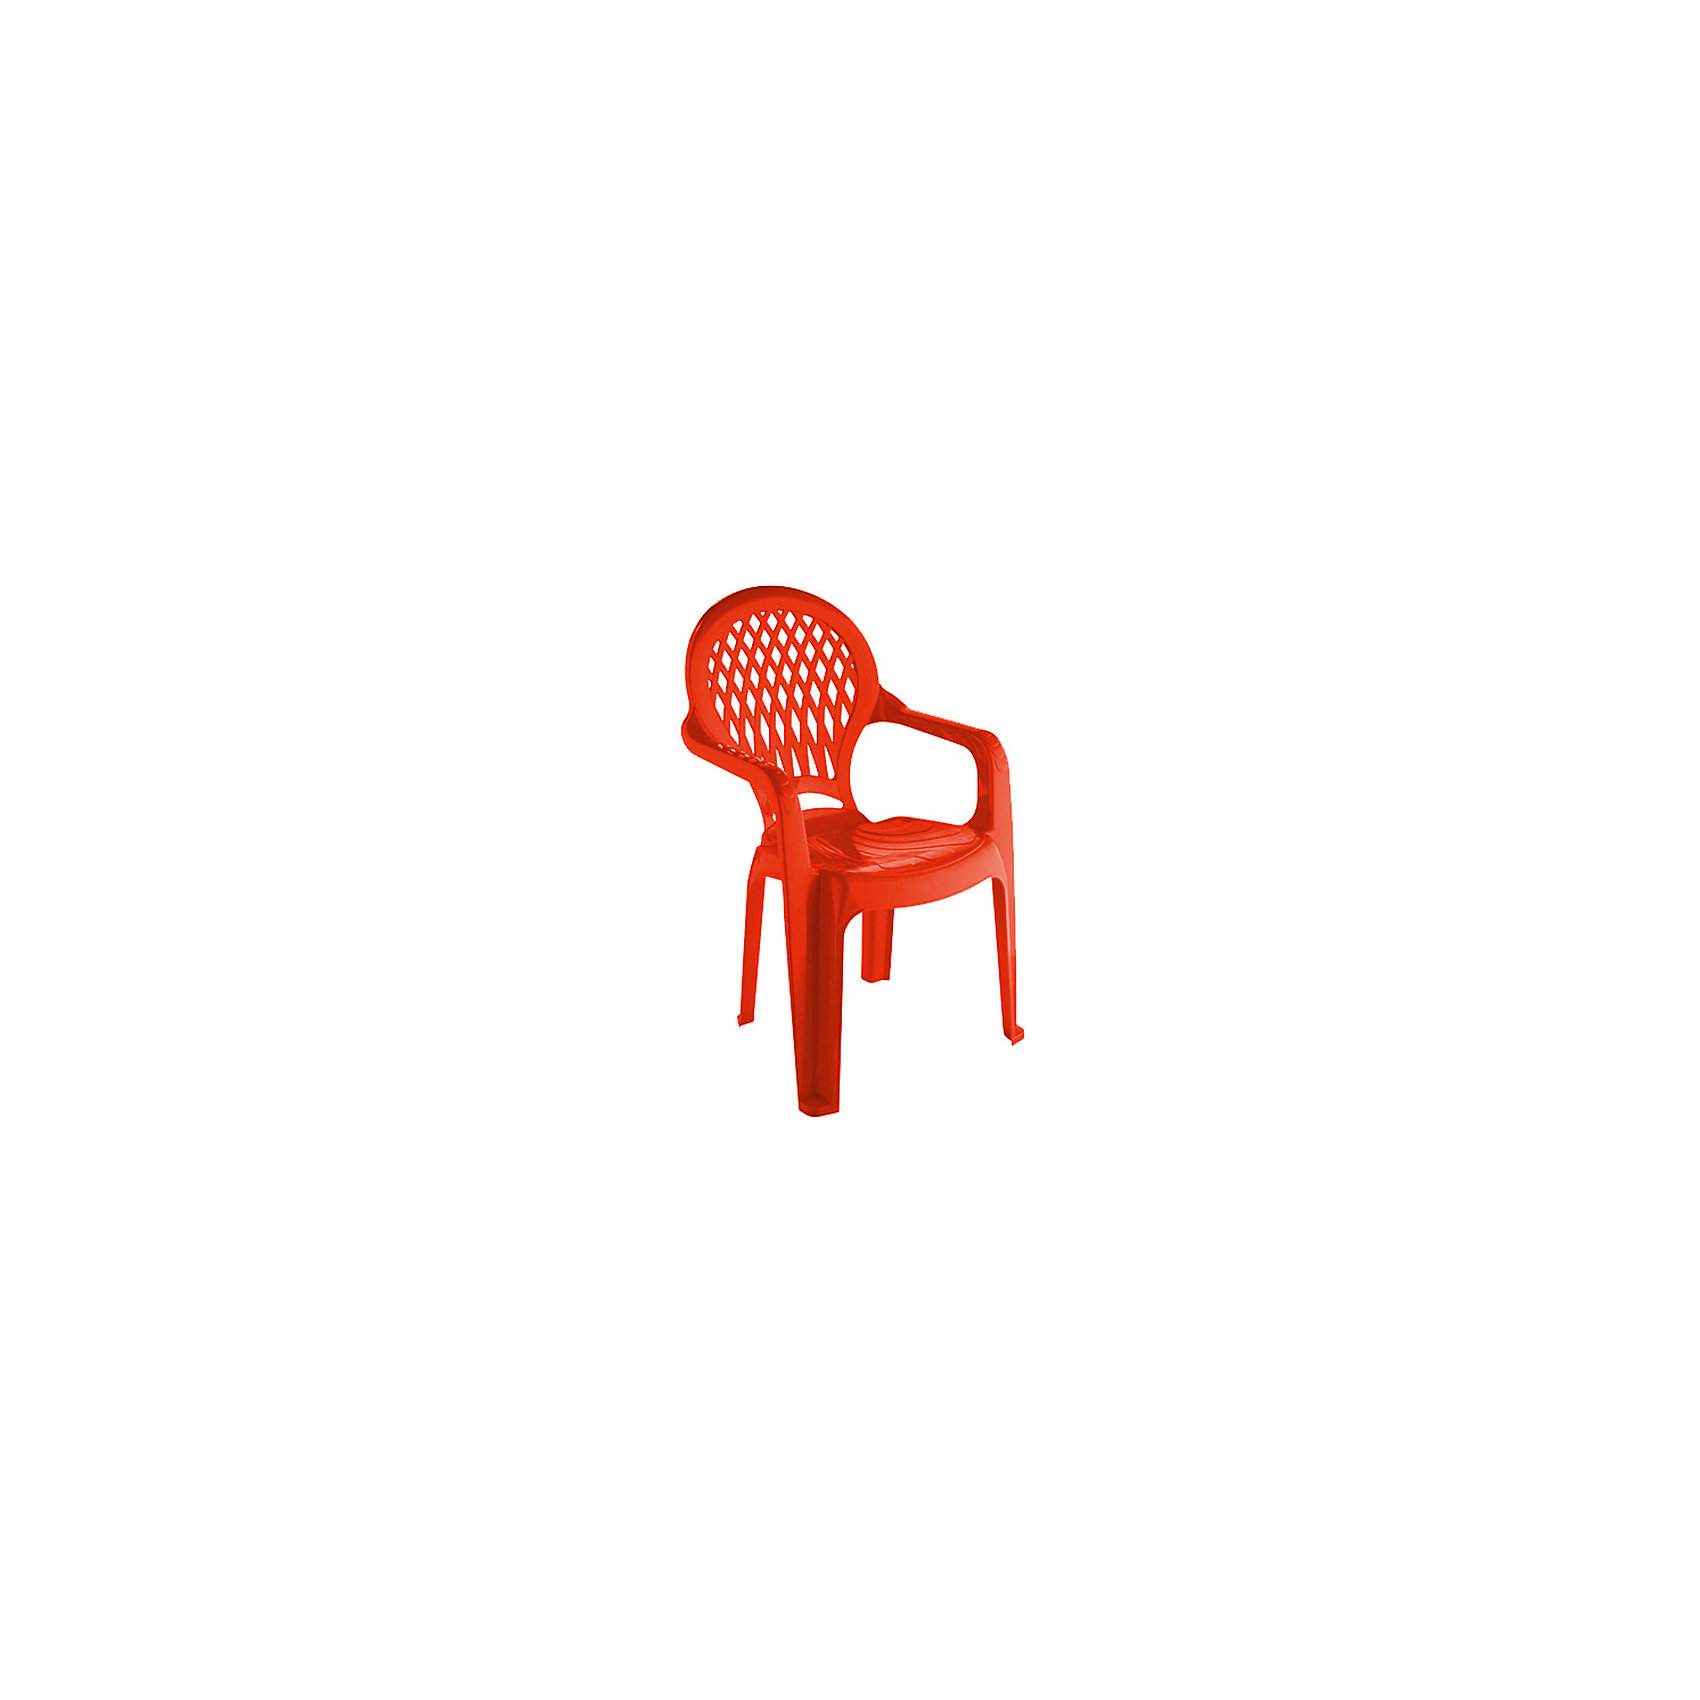 Малиновый стулМебель<br>Яркий стульчик прекрасно впишется в интерьер детской комнаты. Стул имеет эргономичную форму, выполнен из высококачественного прочного пластика, его легко мыть или же протирать влажной губкой. <br><br>Дополнительная информация:<br><br>- Материал: пластик.<br>- Размер: 34х30х56 см.<br>- Эргономичная форма. <br><br>Детский стульчик, малиновый, можно купить в нашем магазине.<br><br>Ширина мм: 750<br>Глубина мм: 480<br>Высота мм: 380<br>Вес г: 150<br>Возраст от месяцев: 24<br>Возраст до месяцев: 84<br>Пол: Унисекс<br>Возраст: Детский<br>SKU: 4718426